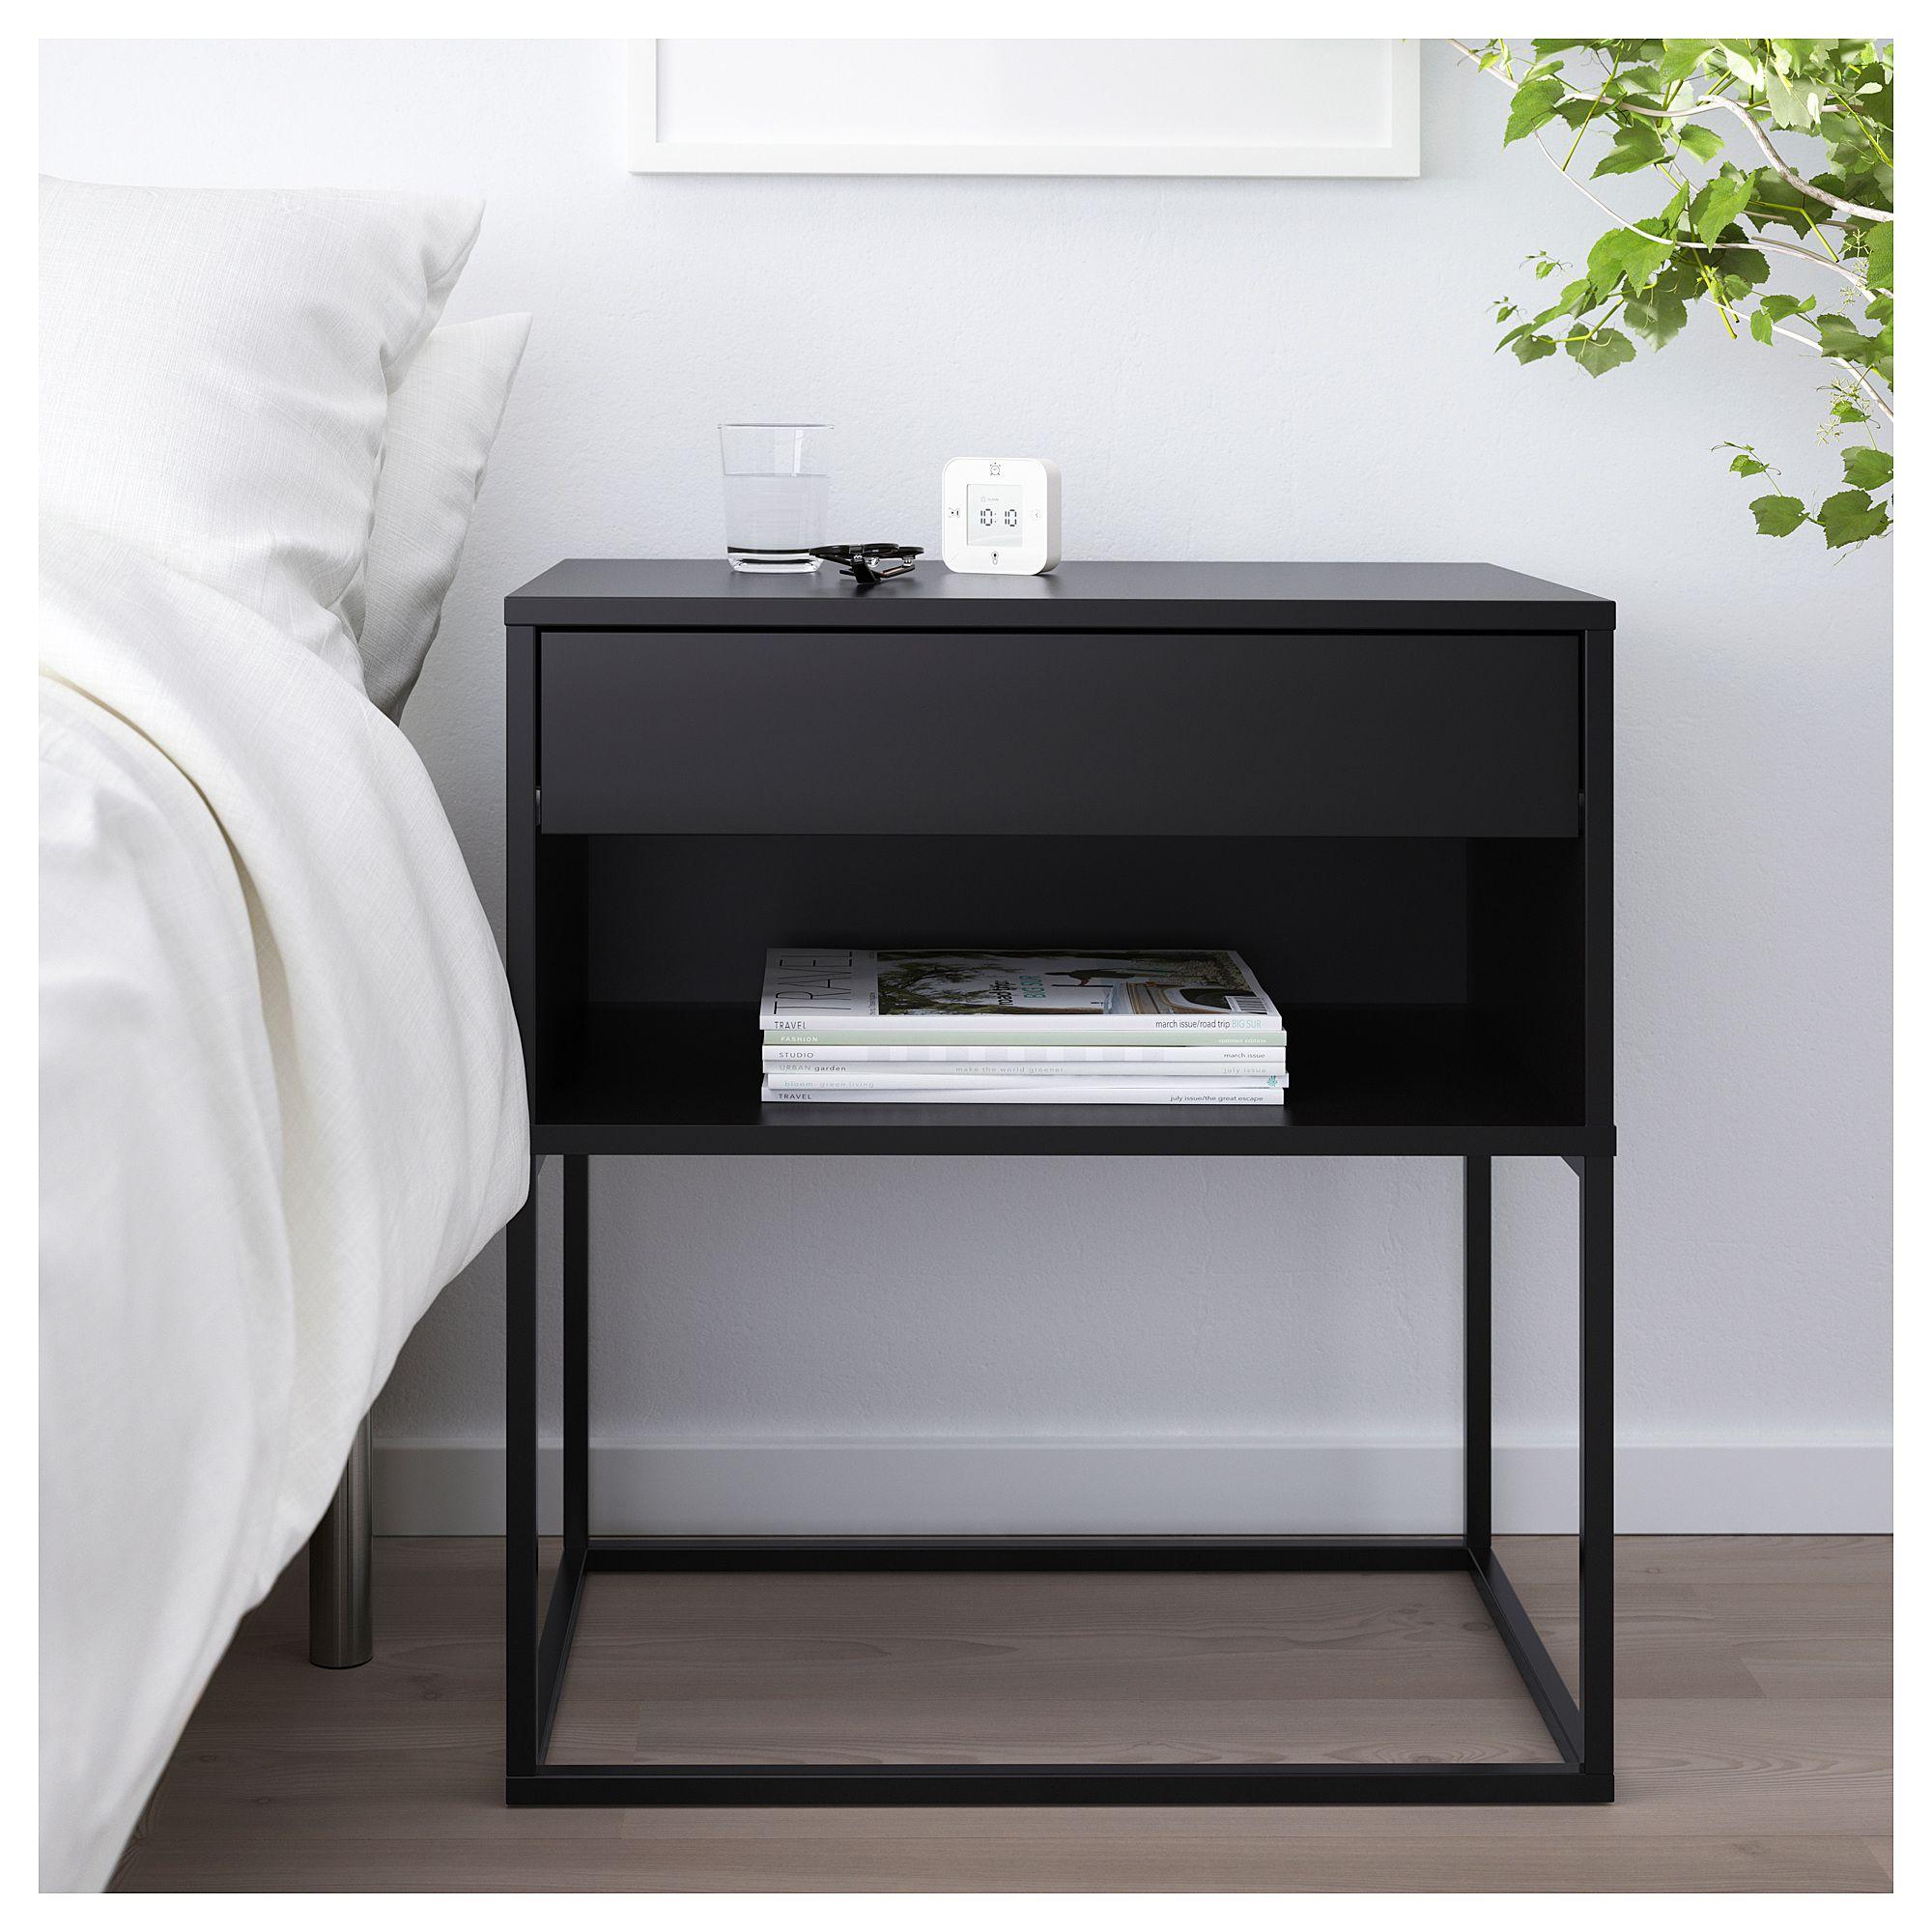 Vikhammer Bedside Table Black 60x39 Cm Black Bedside Table